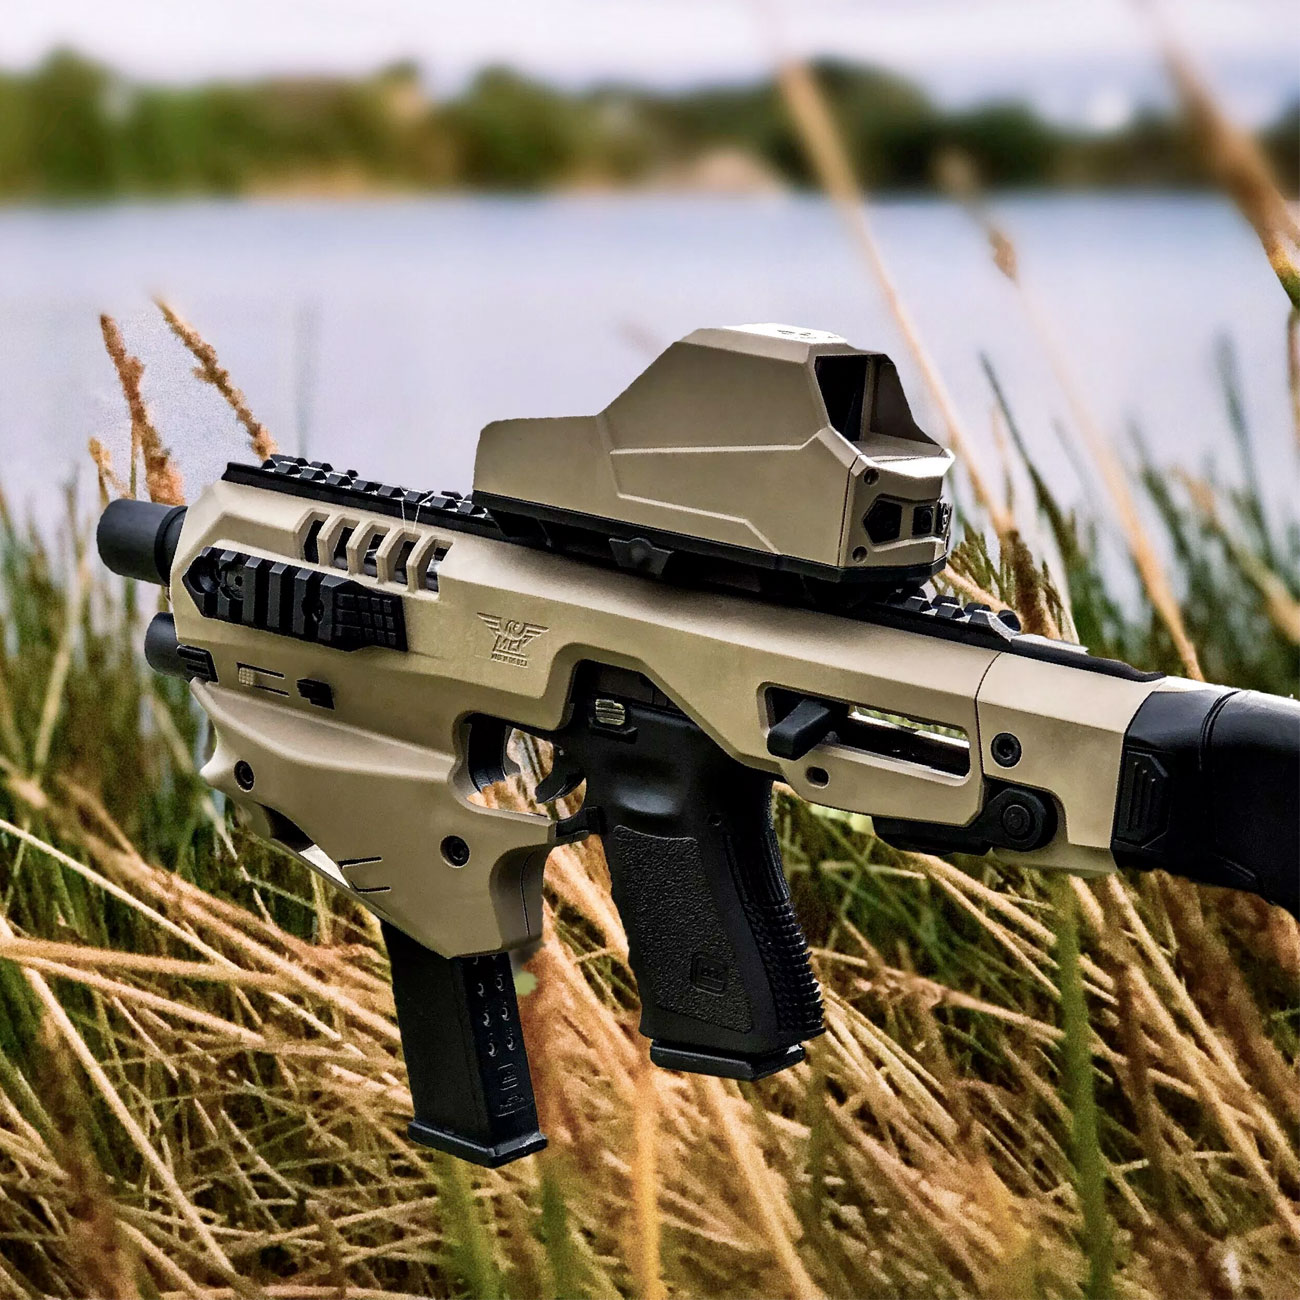 Micro Roni MCK Stabilizer for Glock 20/21 (Pre-Order)